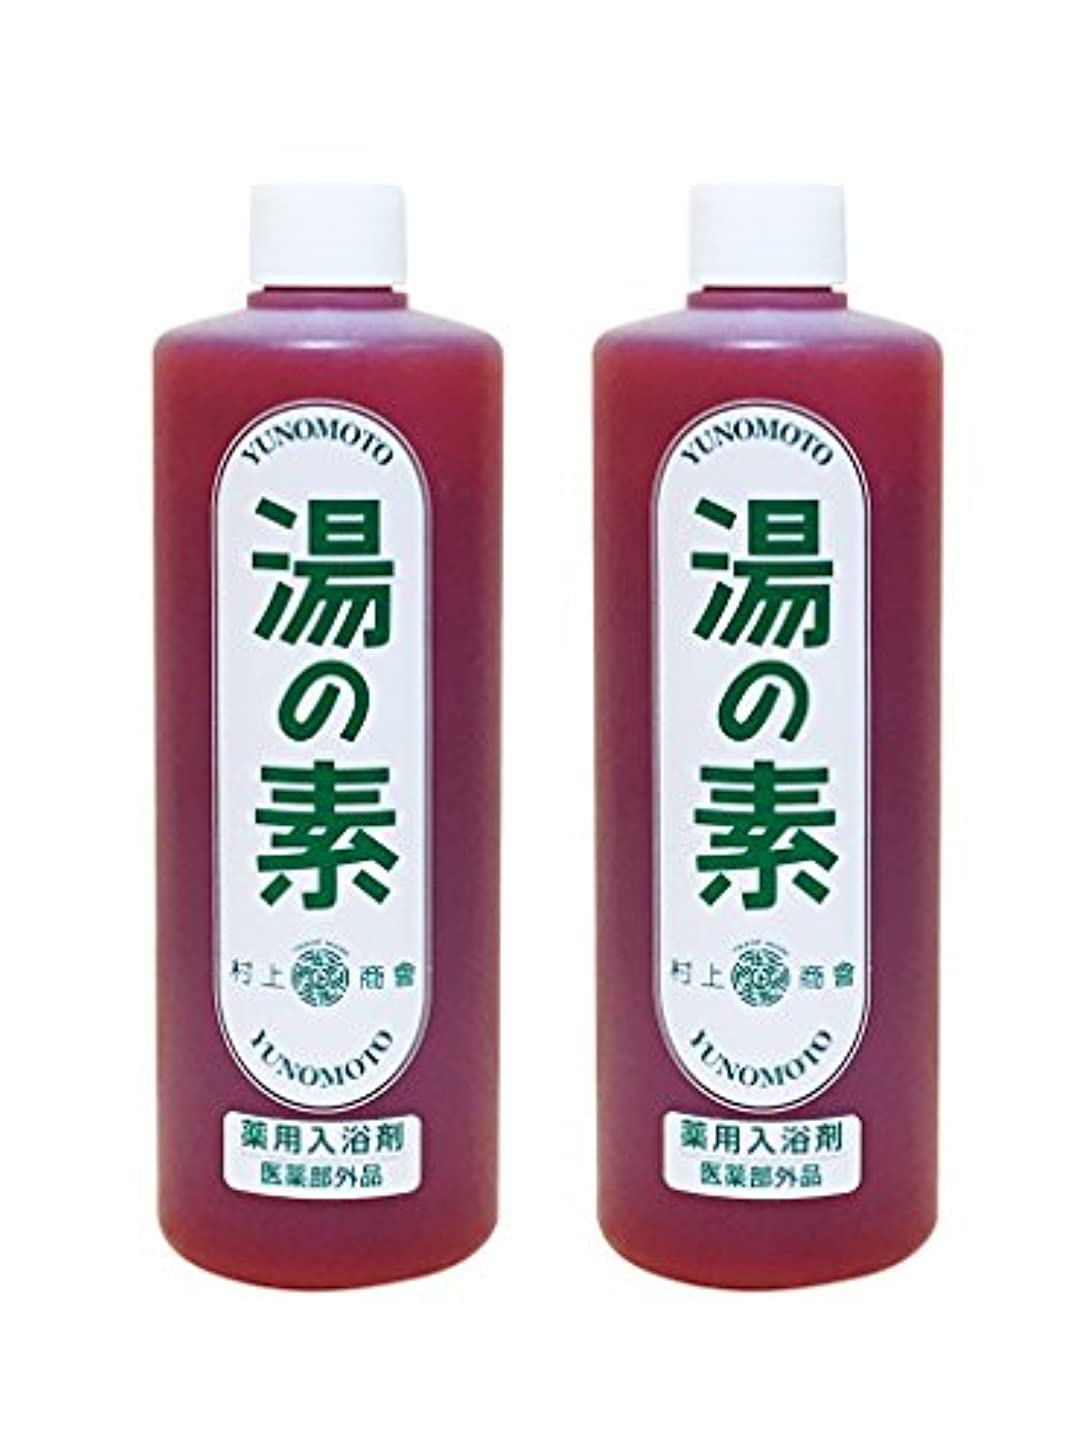 後悔コックレイ硫黄乳白色湯 湯の素 薬用入浴剤 (医薬部外品) 490g 2本セット